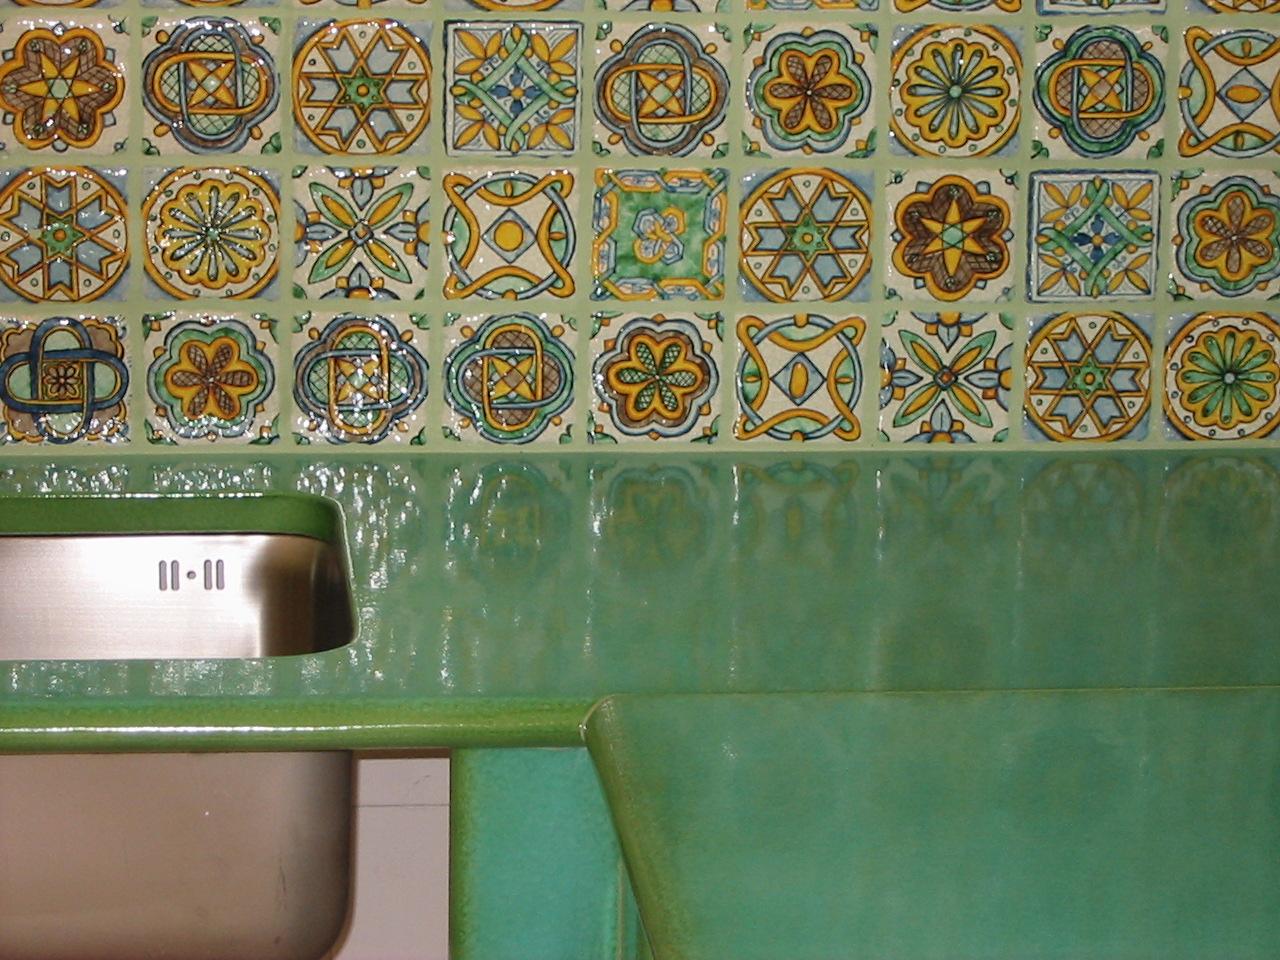 Piastrelle decorate per cucina good elegant disegno piastrelle per cucine in muratura moderne - Piastrelle pietra lavica ...